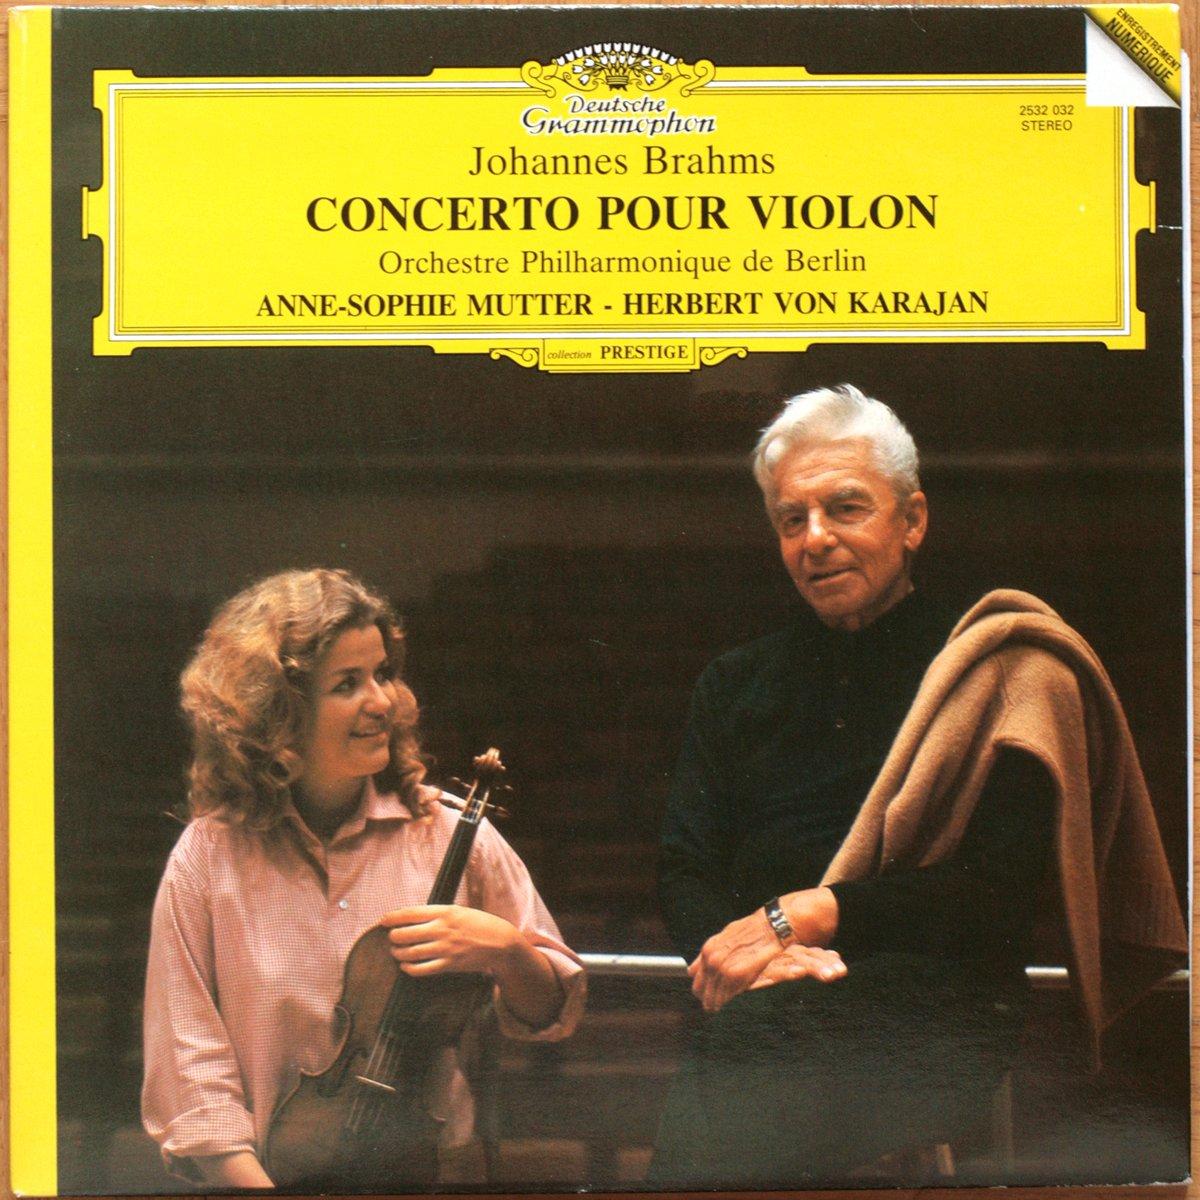 DGG 2532032 Brahms Concerto Violon Mutter Karajan